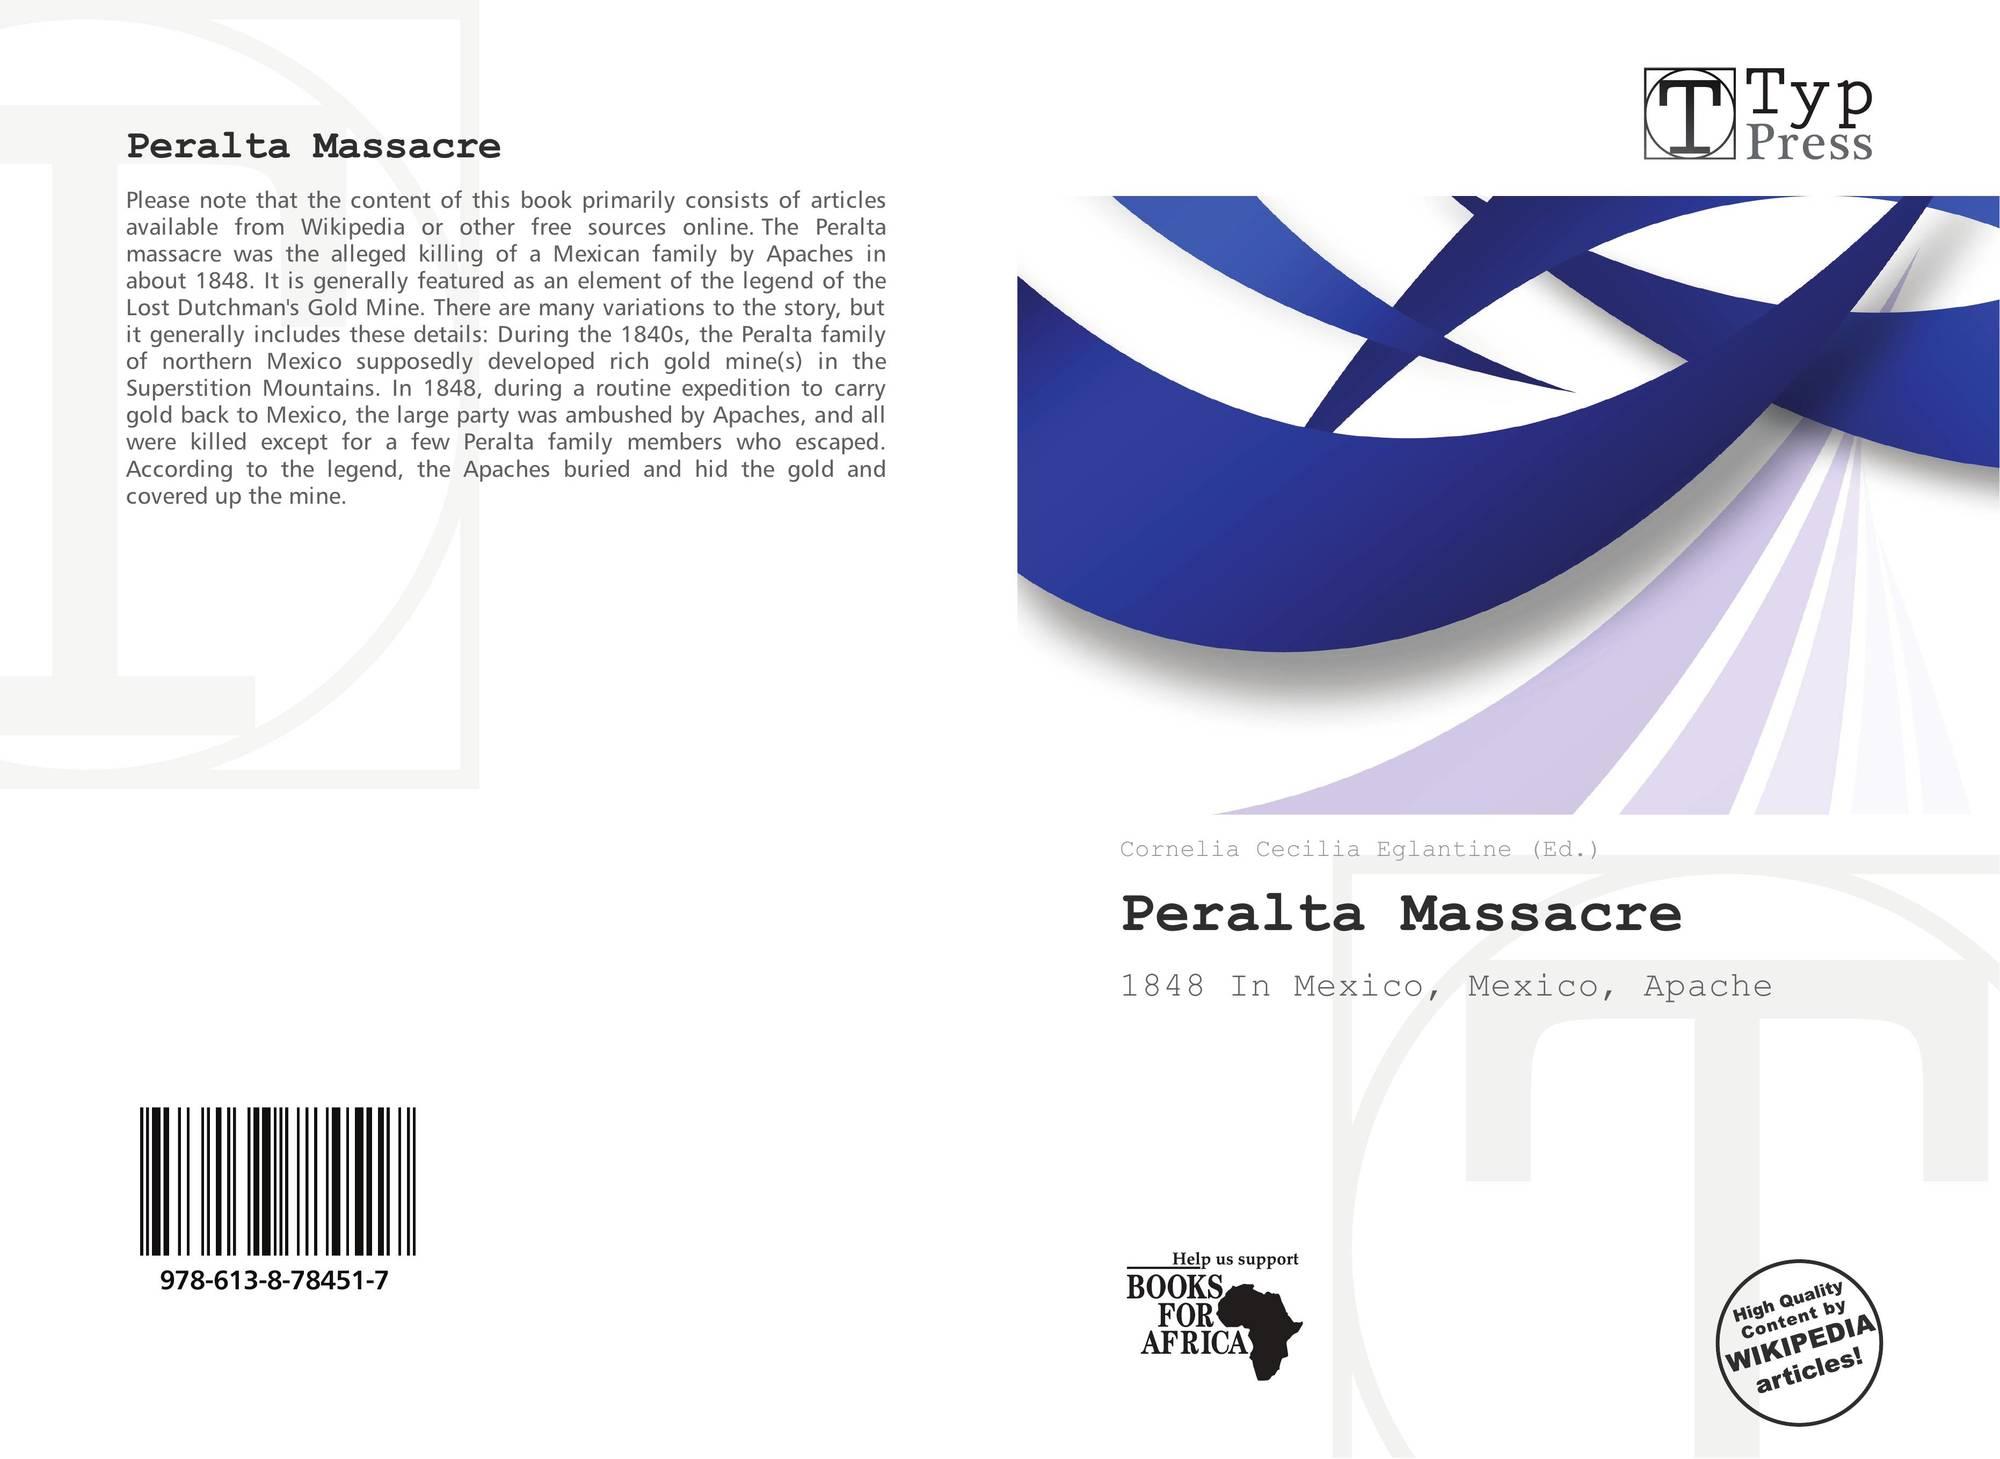 Peralta Massacre 978 613 8 78451 7 6138784510 9786138784517